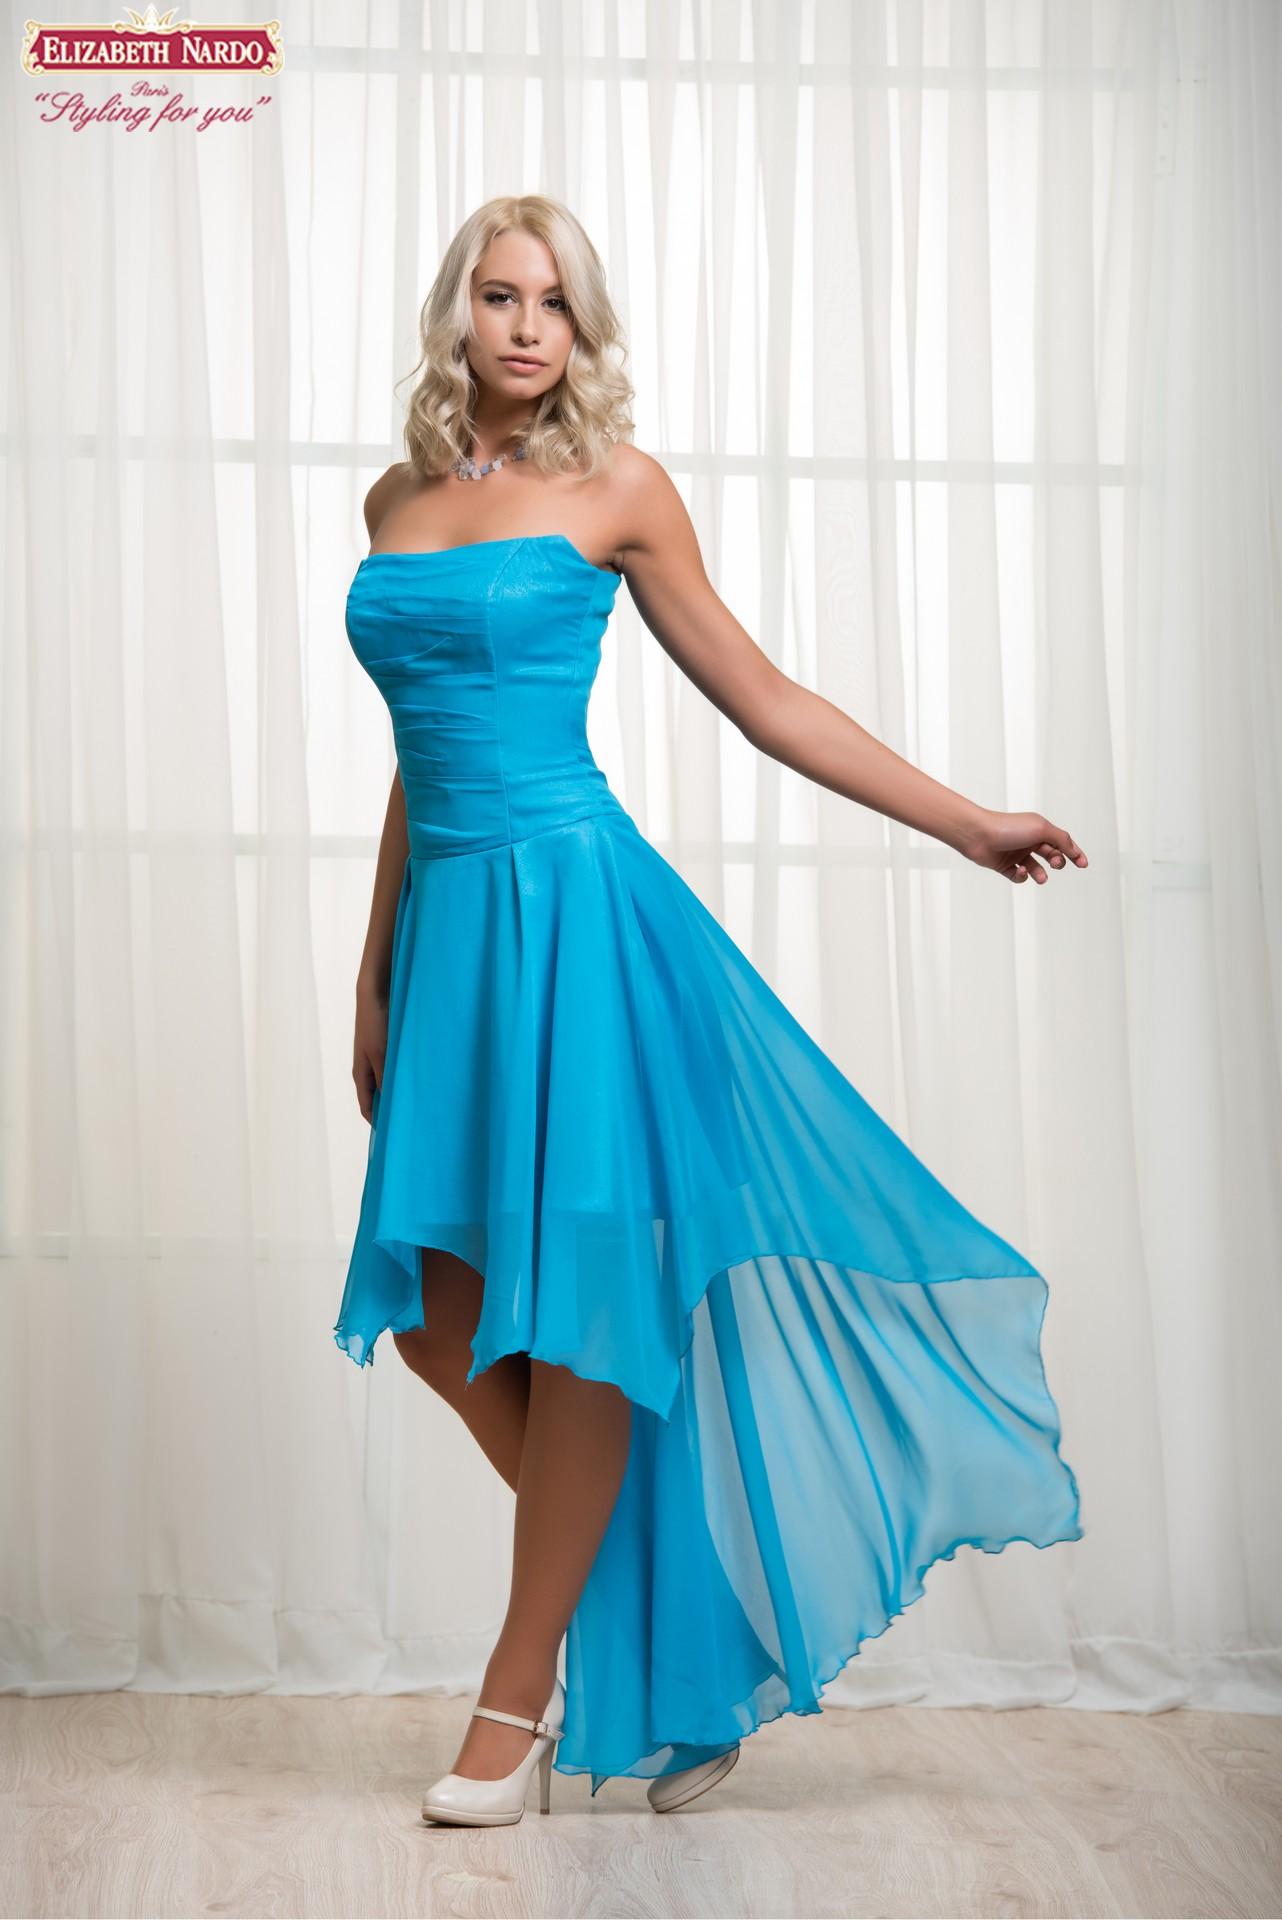 0213bf7466 Koktélruhák - Koktél ruha 17-223 - Menyasszonyi ruhák, Alkalmi ruhák ...